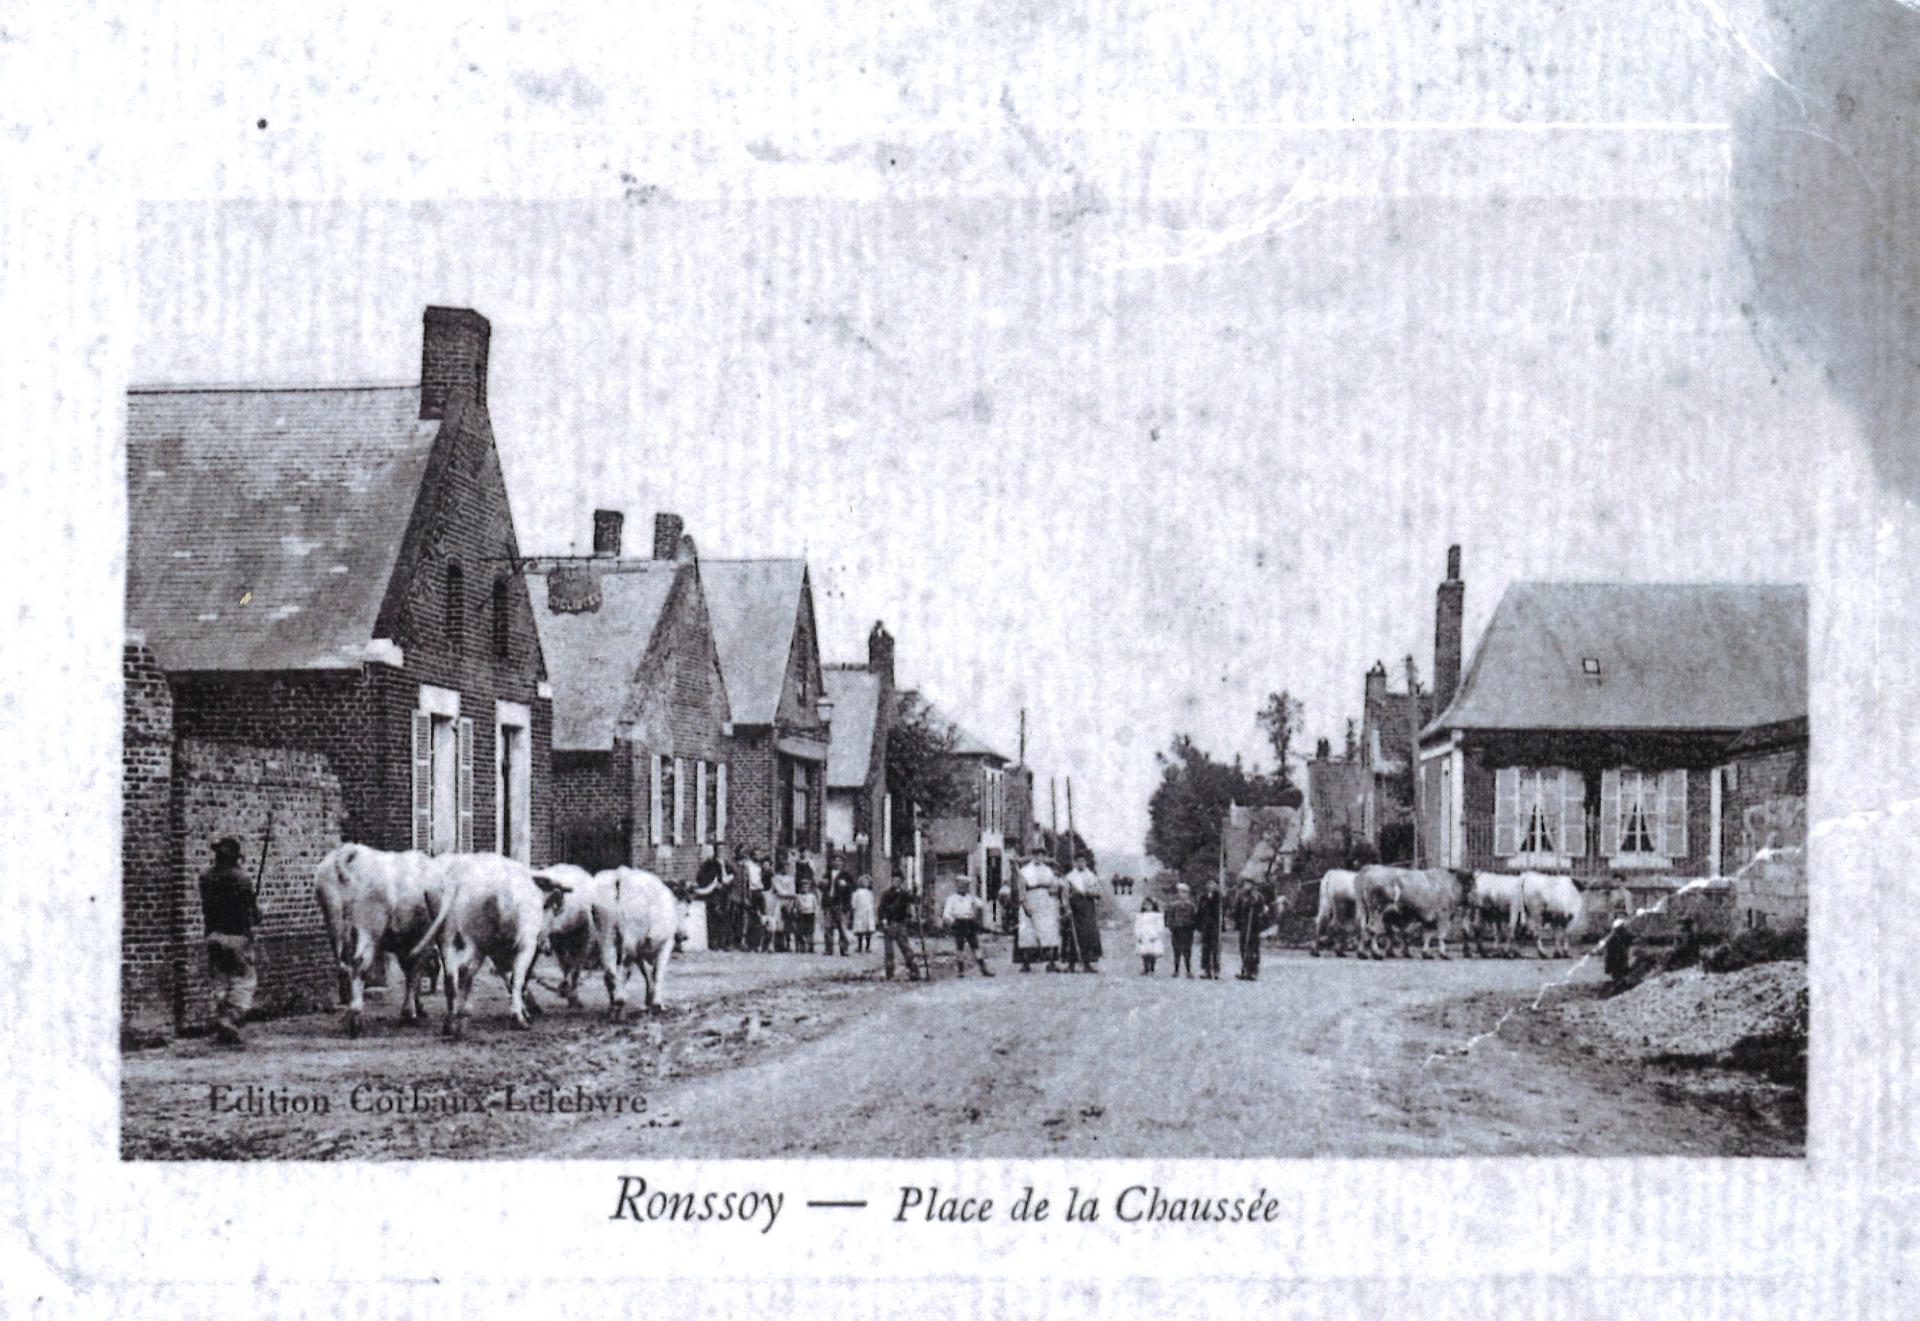 Place de la Chaussée